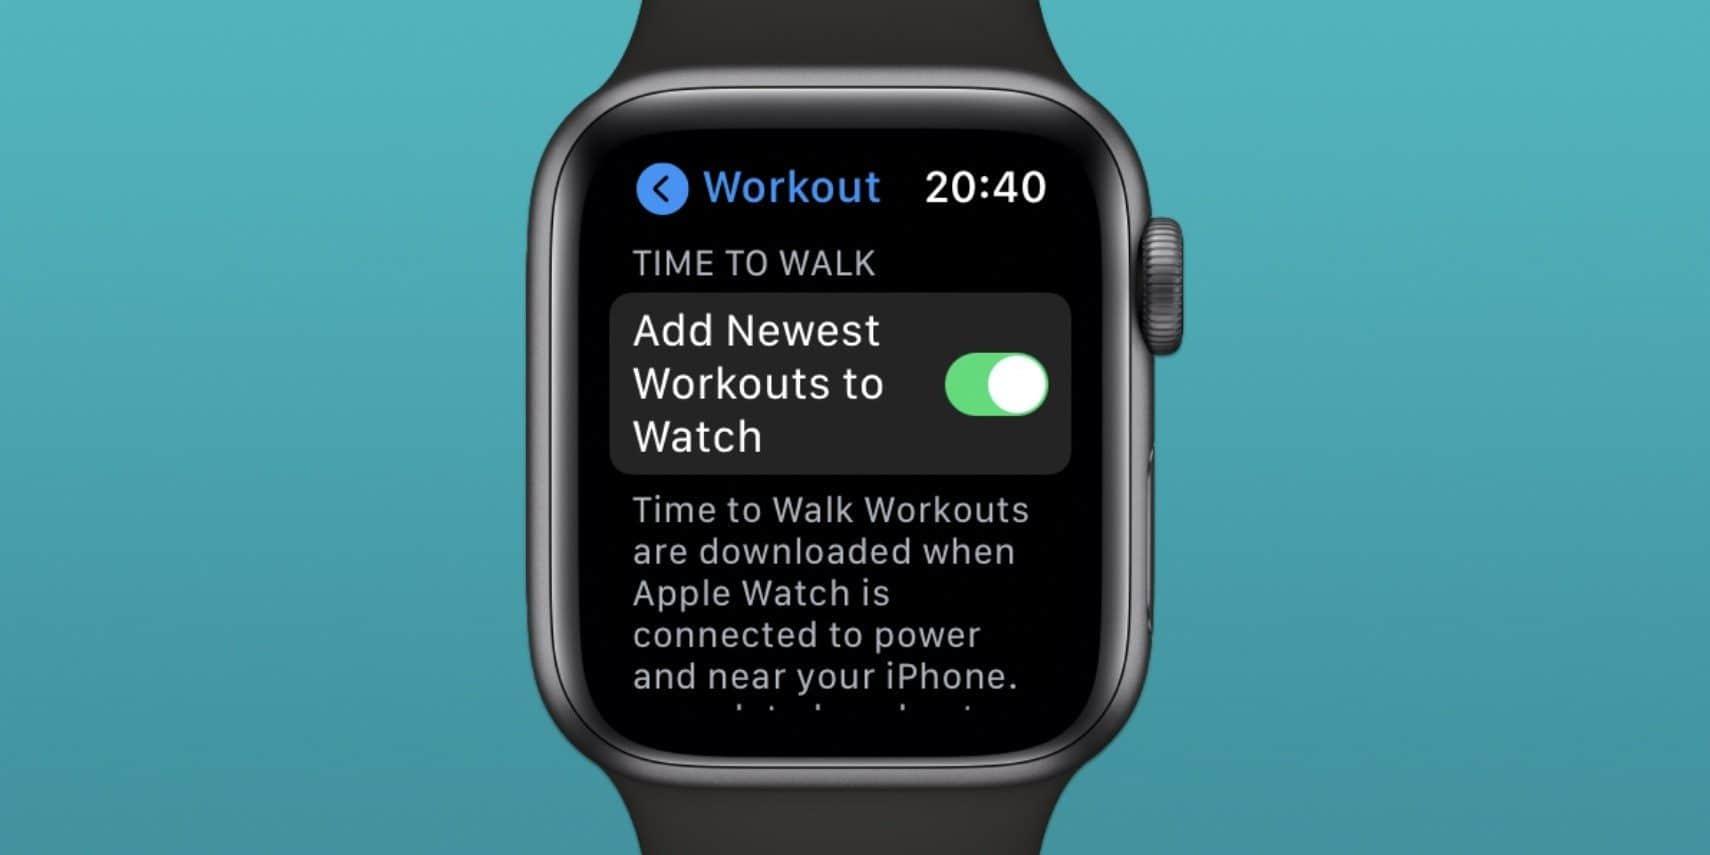 """Possível recurso """"Time to Walk"""" encontrado no Apple Watch"""